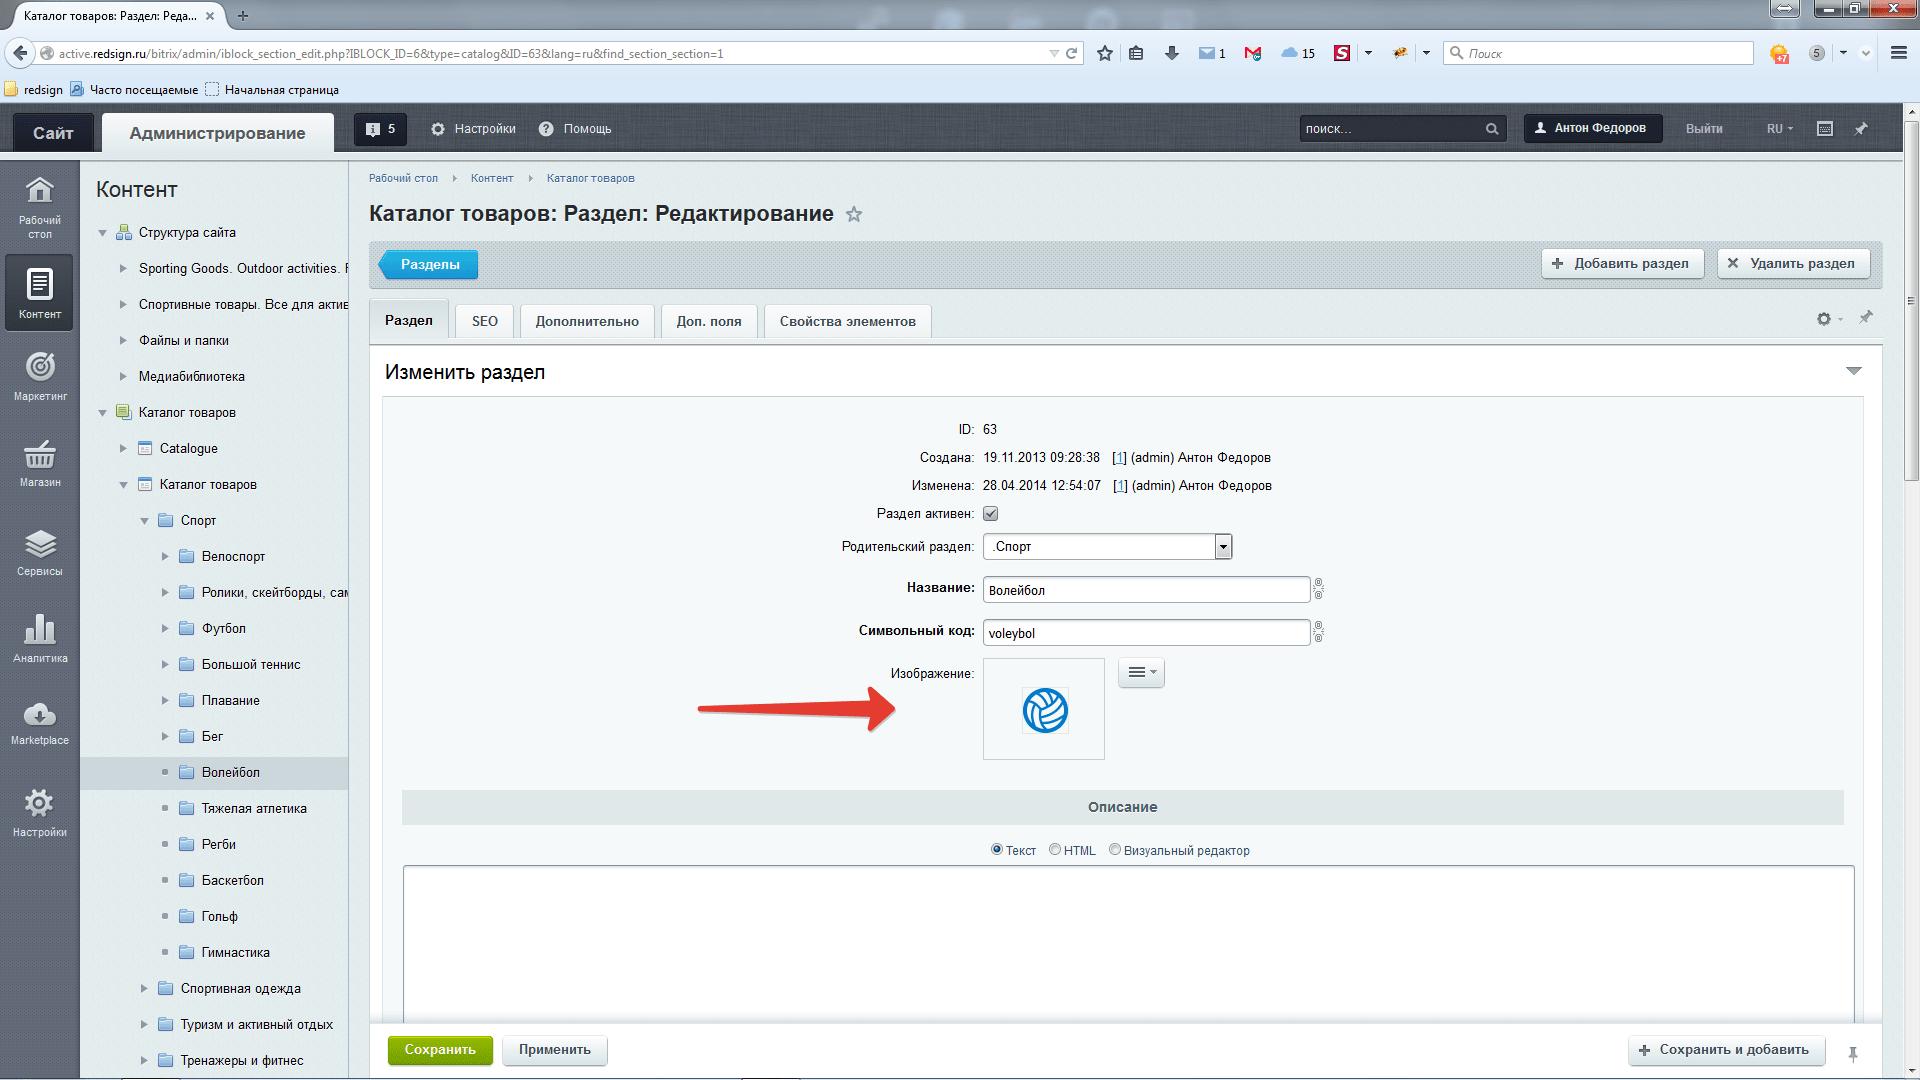 Битрикс категории на главной 1с битрикс конструктор мобильных приложений